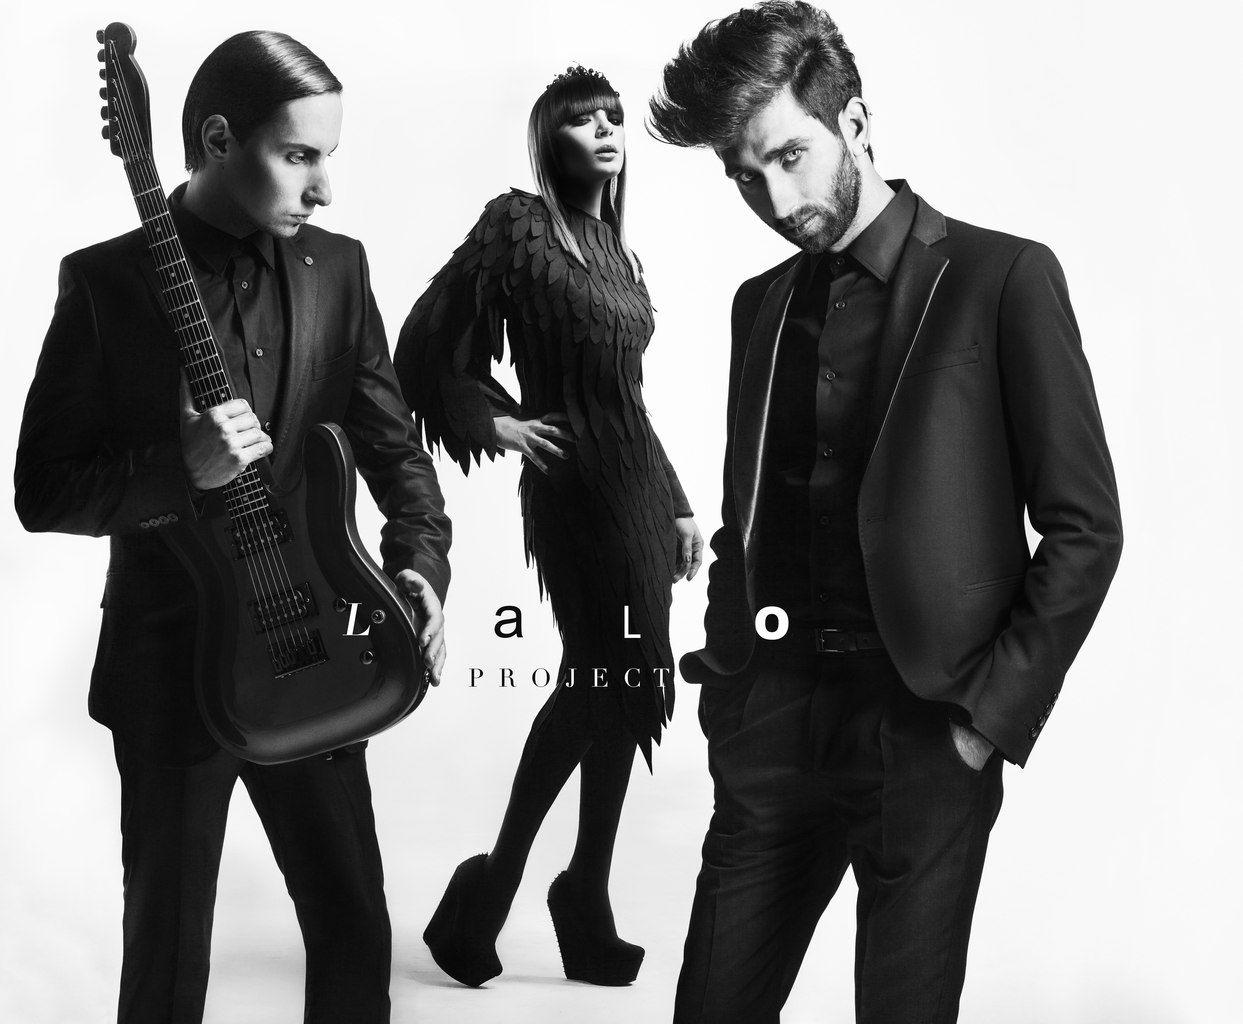 LALO Project Фото (ЛАЛО Проджект) группа из Украины, Ксюша Зотова, Игорь Ганевский и Владимир Шариков